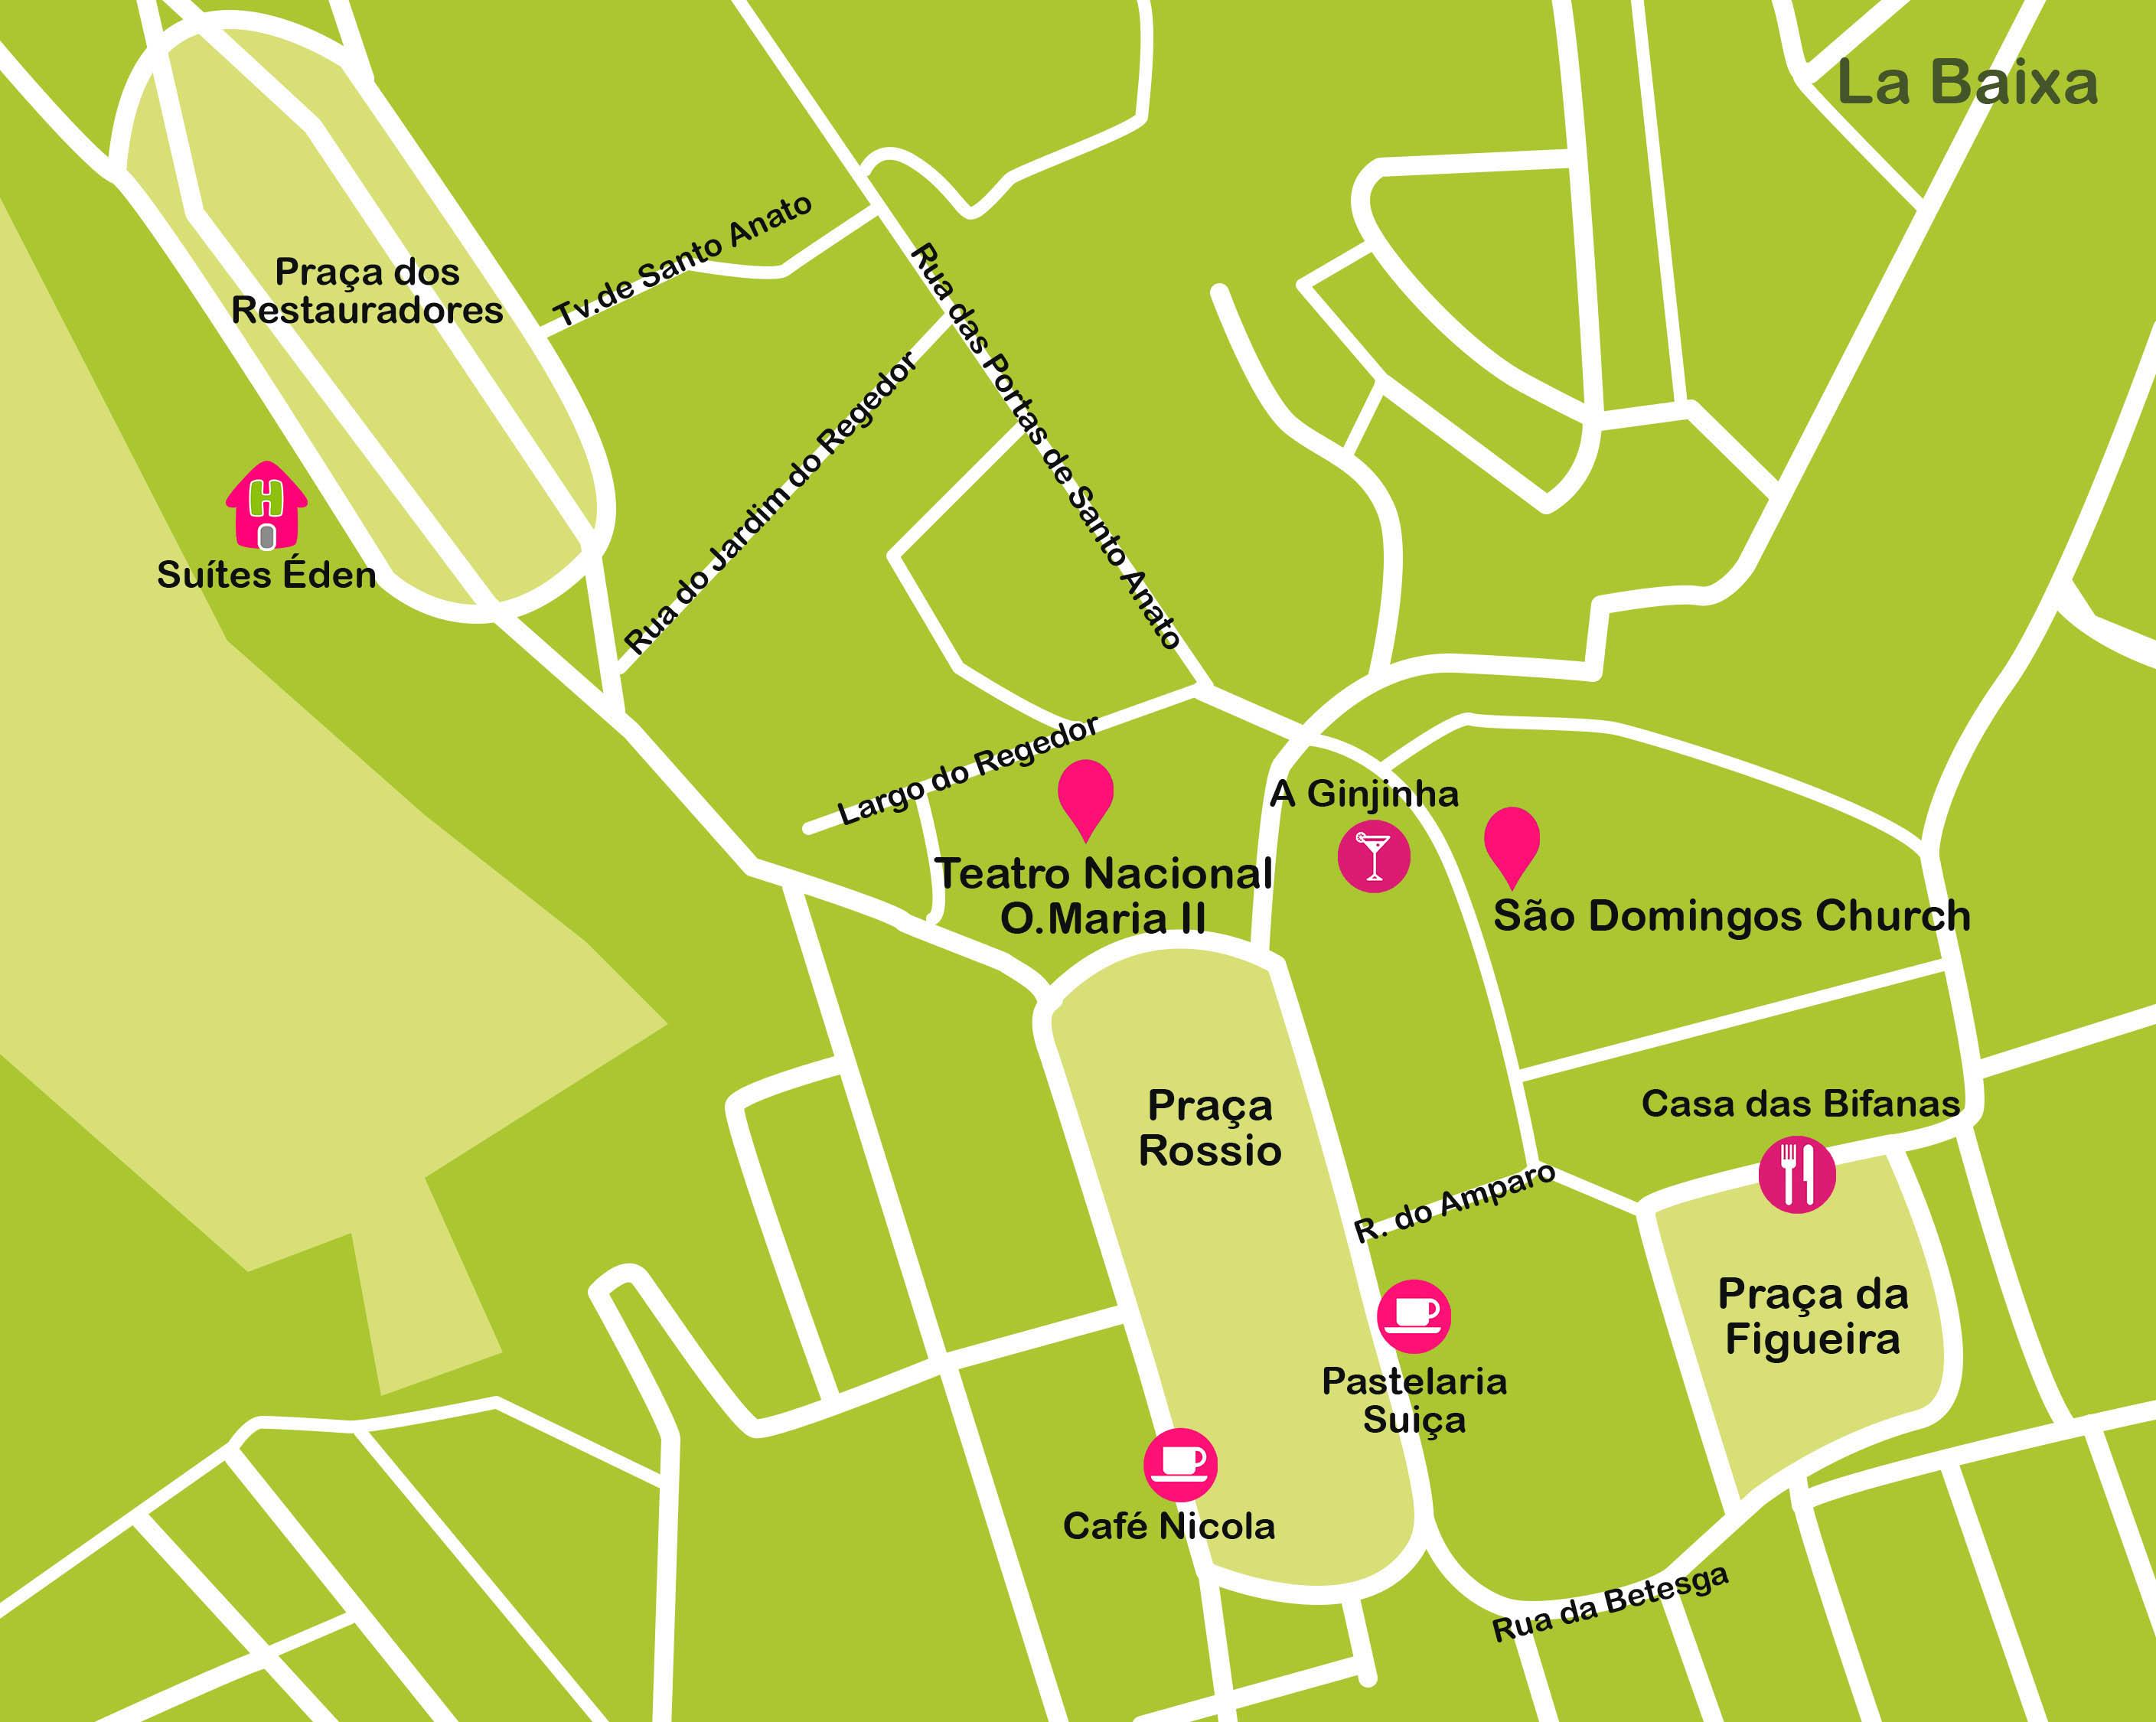 Mapa de Lisboa. La Baixa